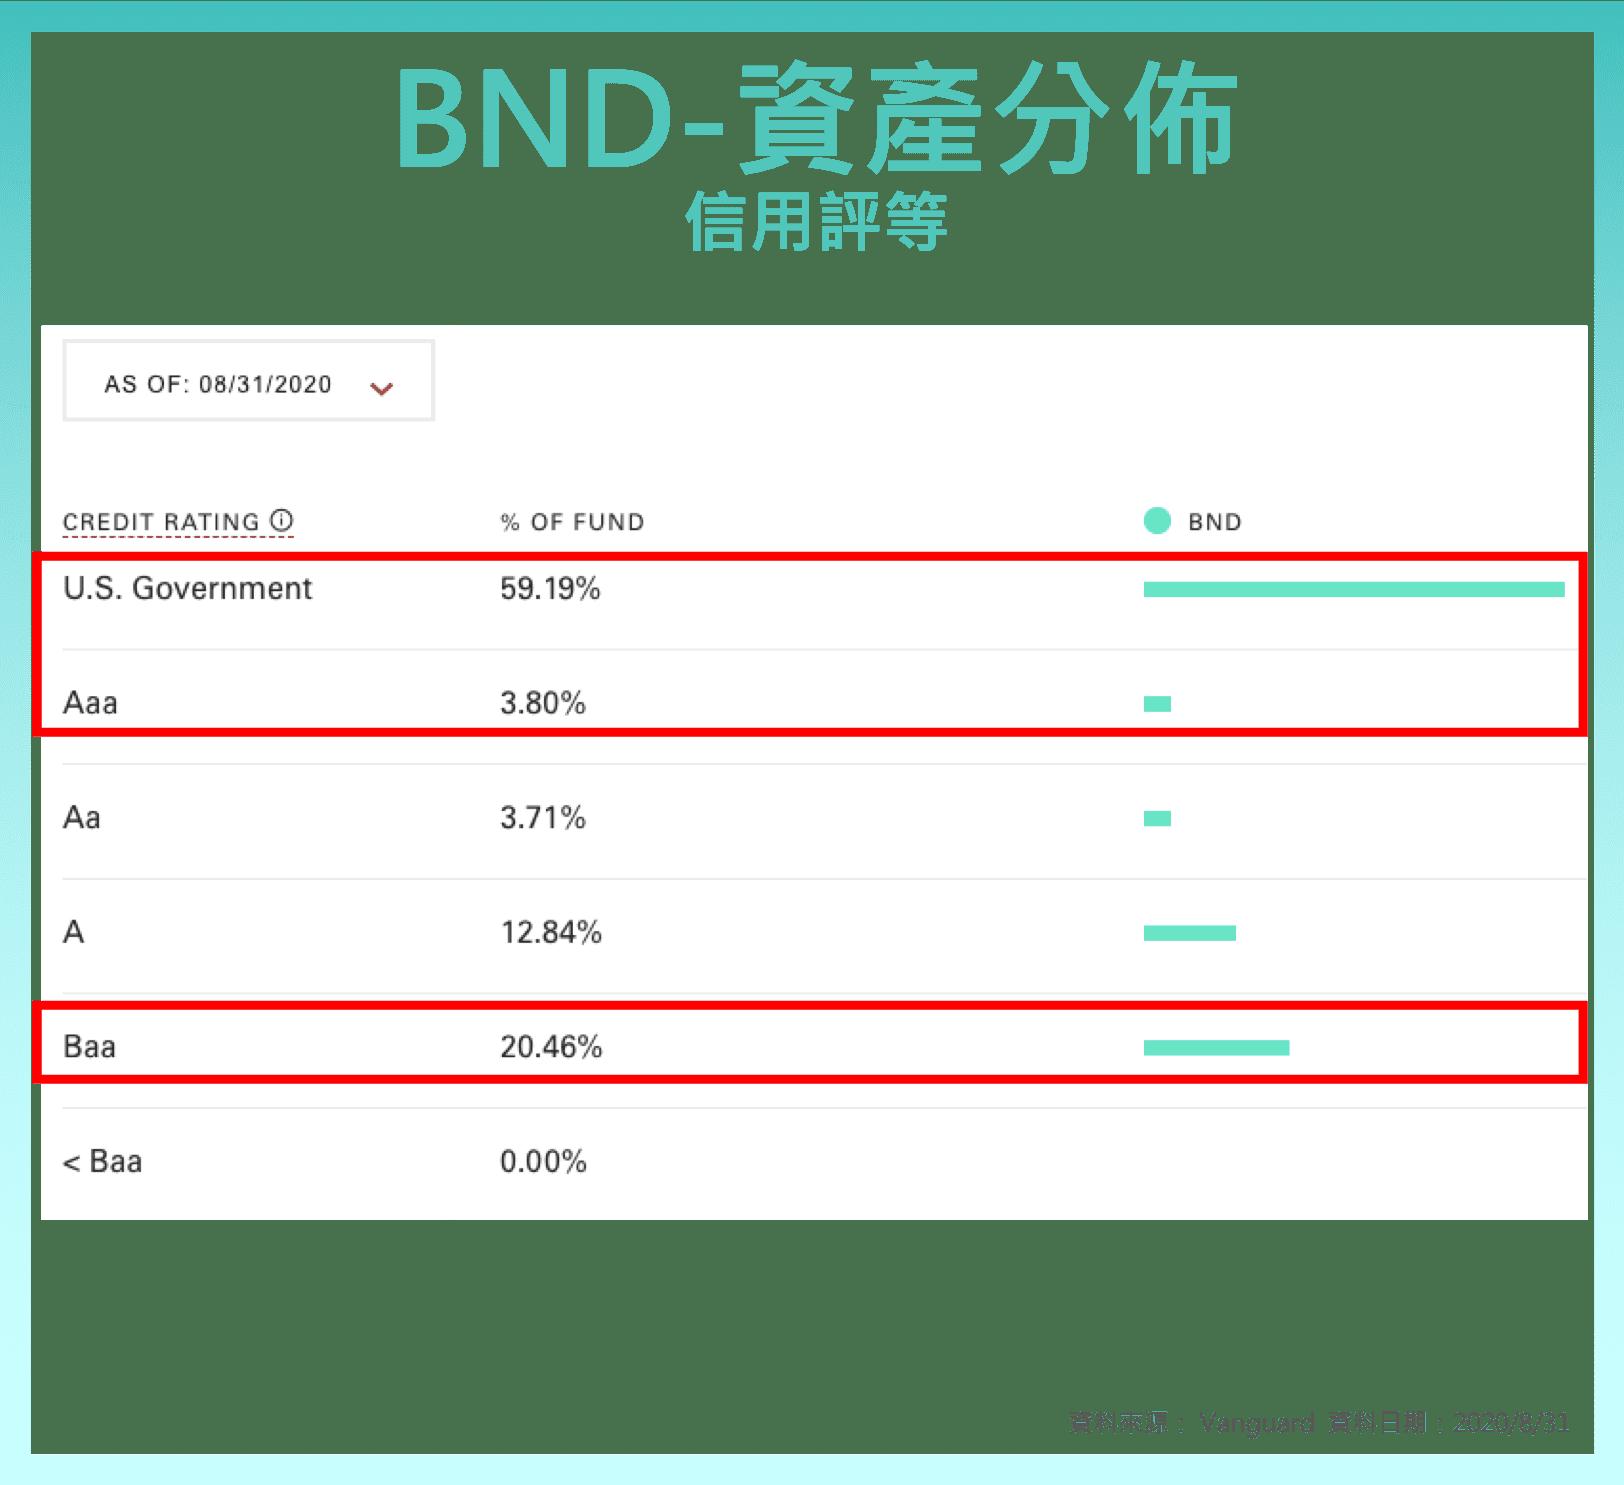 美債 ETF AGG BND 資產分佈 信用評等